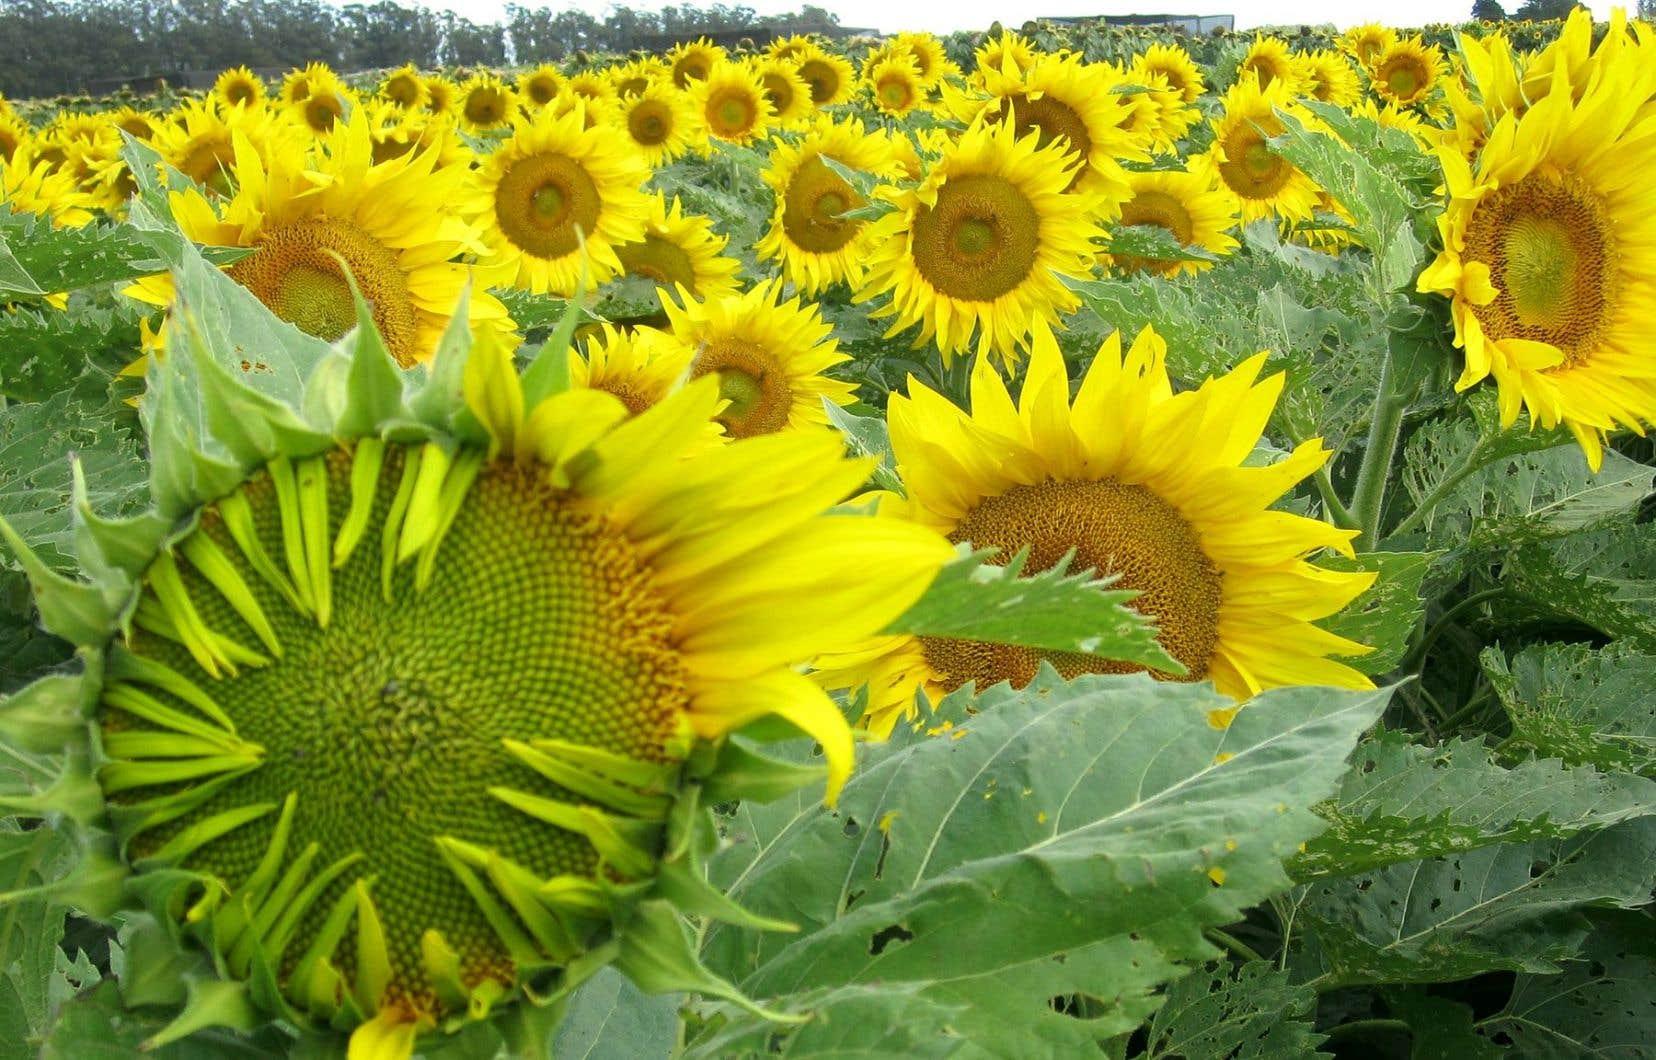 Contrairement aux jeunes plants qui suivent la course du soleil par héliotropisme, les fleurs des tournesols matures ne changent pas d'orientation et font toujours face à l'est.